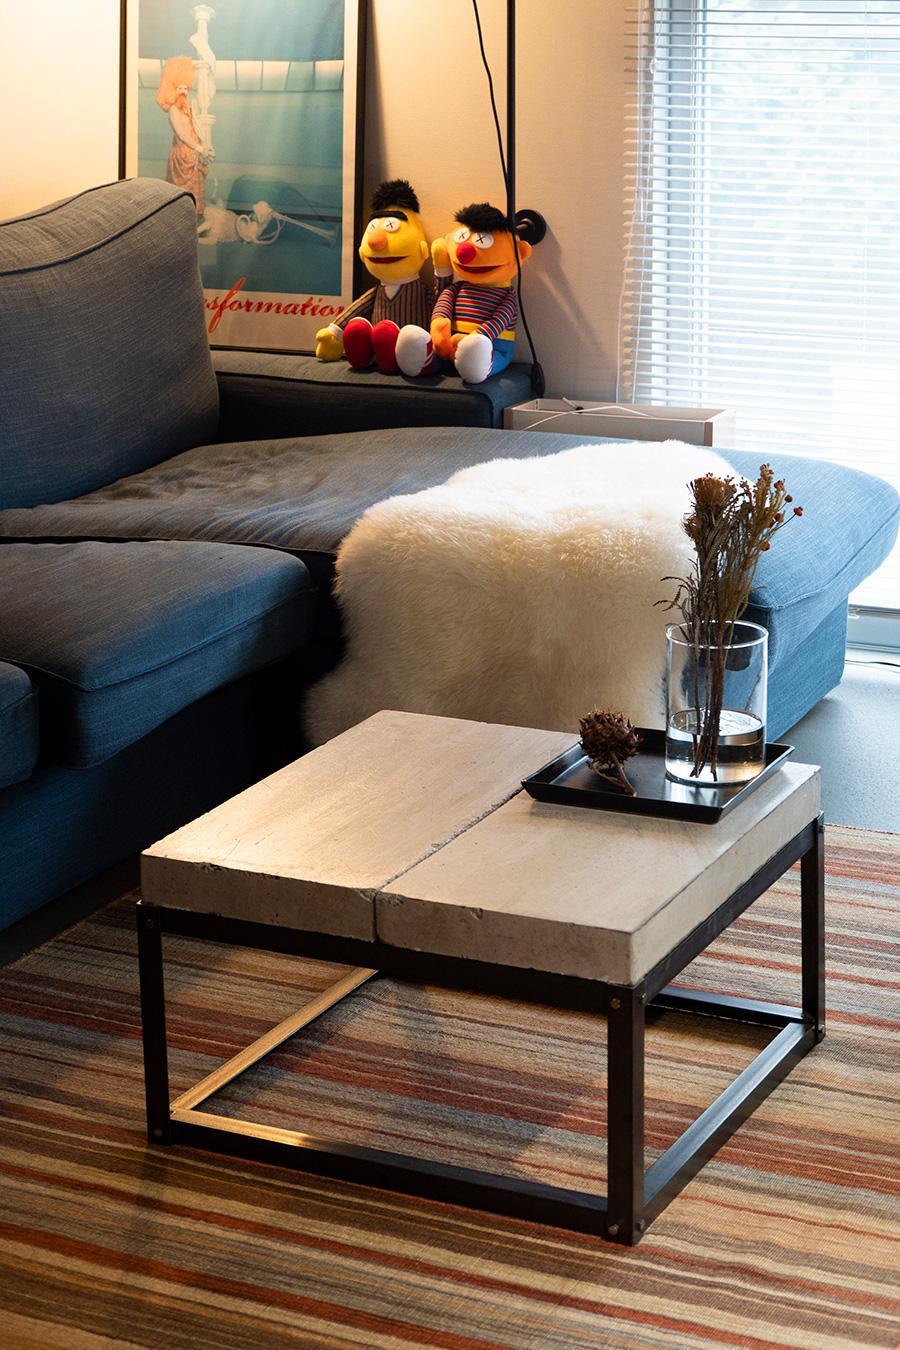 コンクリートの平板に鉄の脚を組み合わせてつくったソファーテーブル。しっかりとした頑丈な造り。